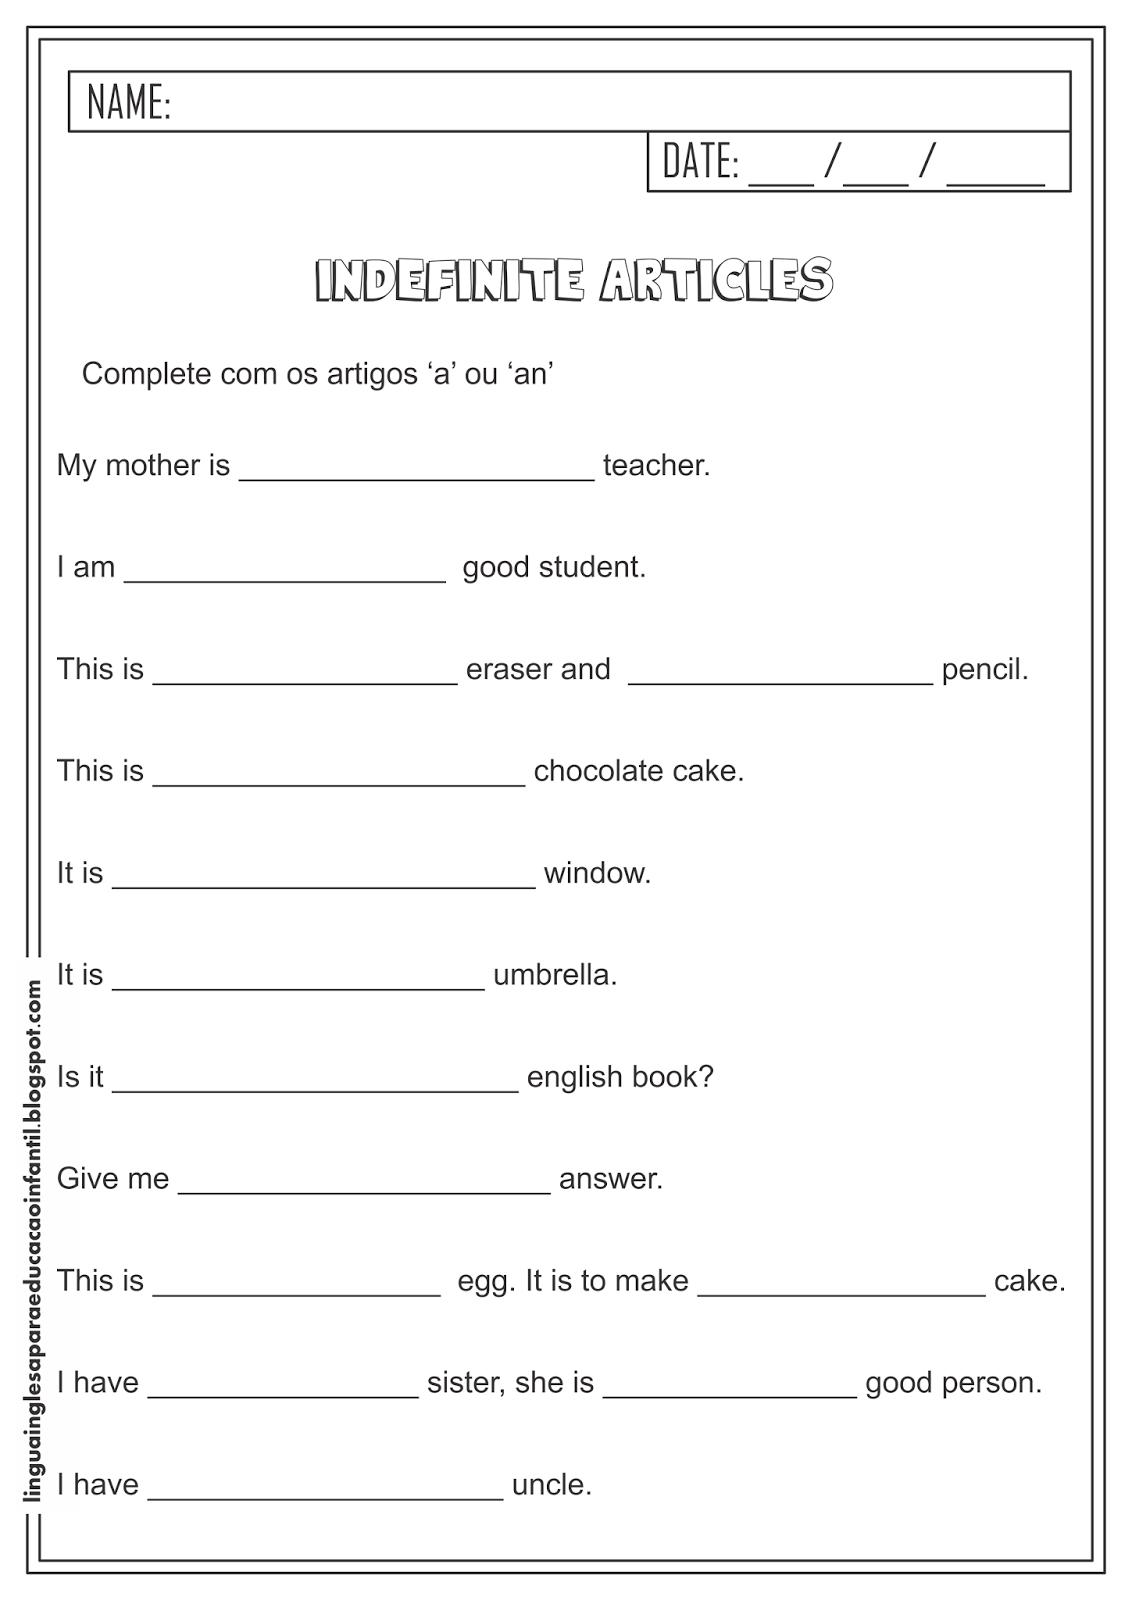 Atividade de Inglês - Artigos Indefinidos 'A' e 'An'